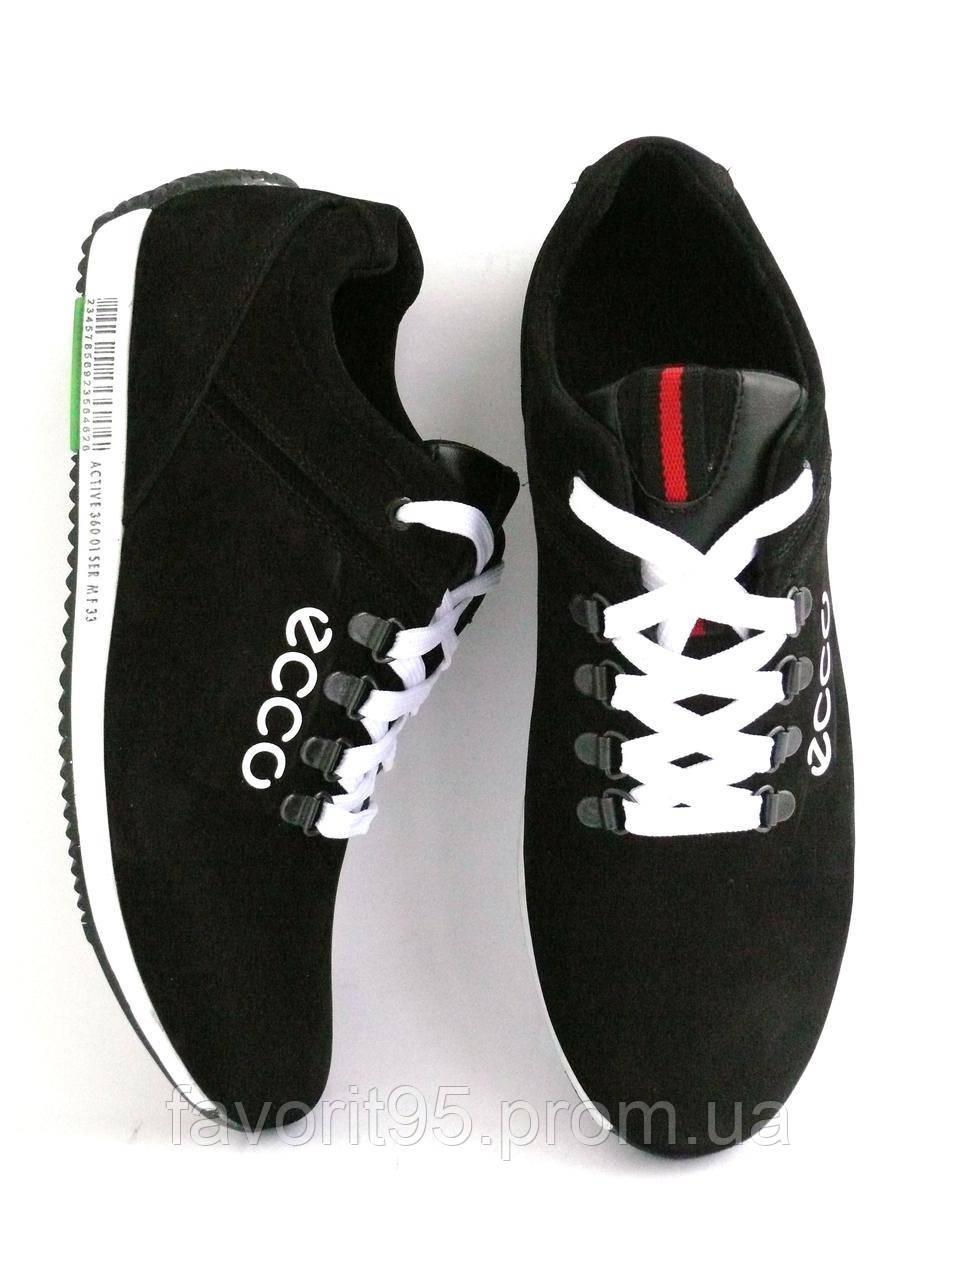 Кроссовки кожаные ECCO 45 - Интернет-магазин